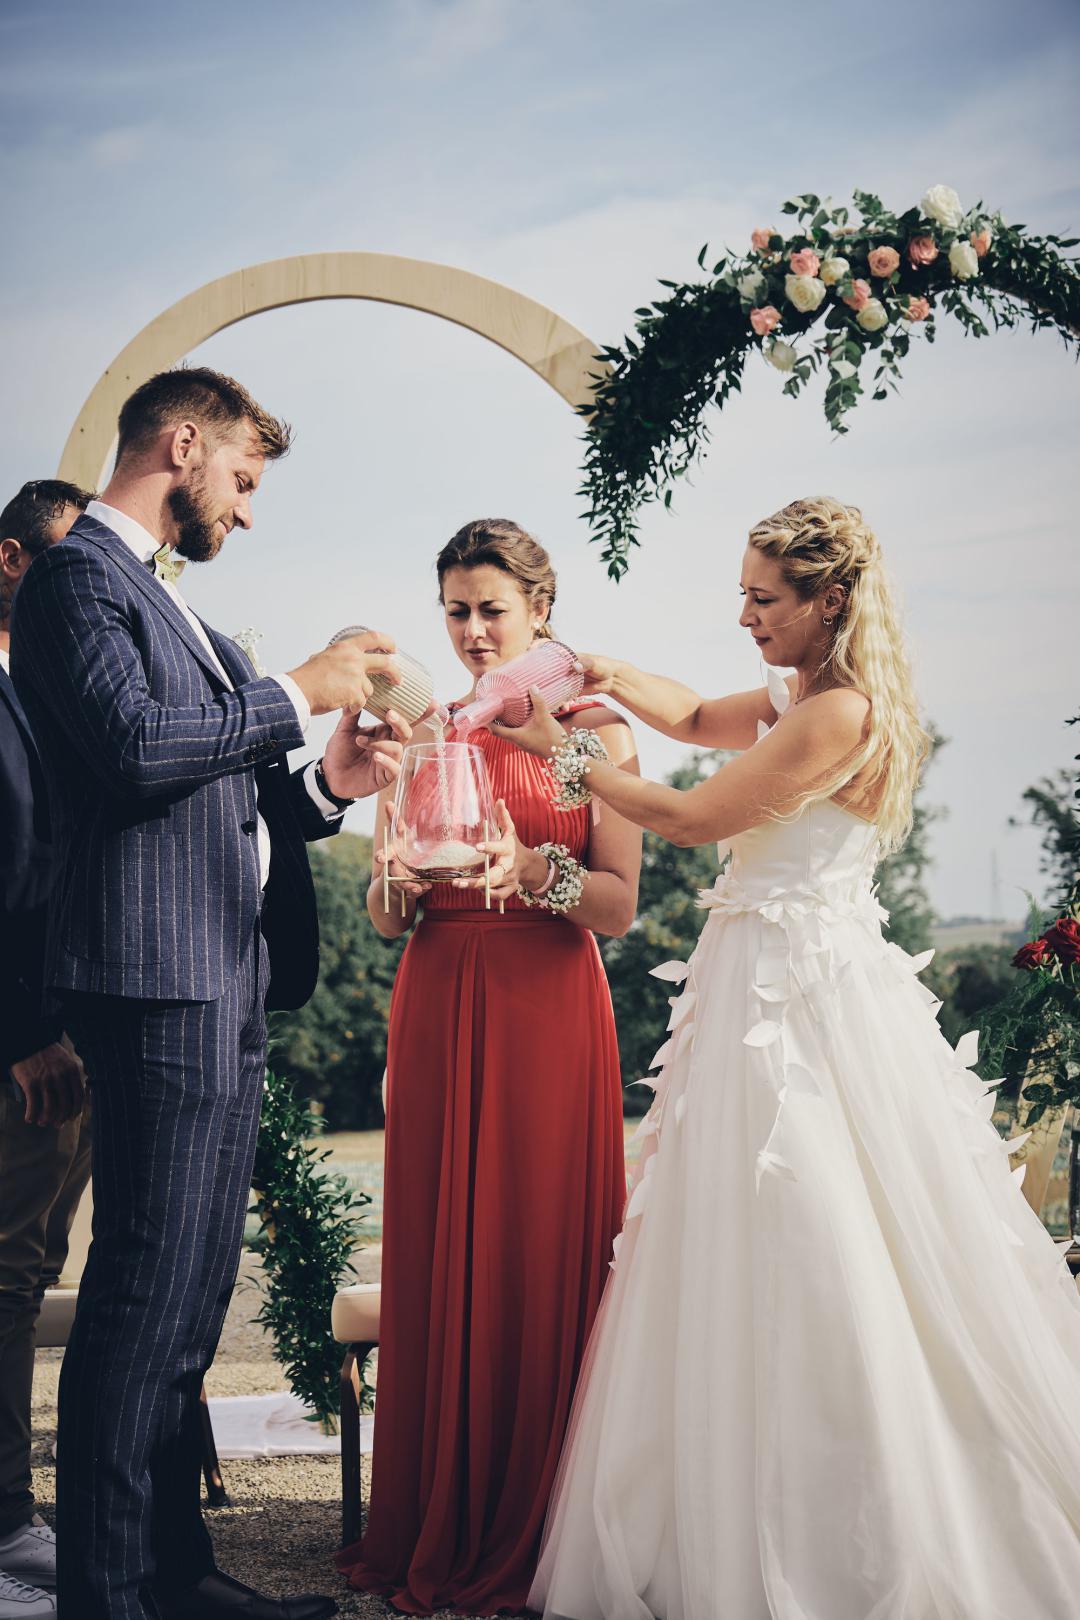 ju ju photo marie marcello partage 449 - Quelle cérémonie choisir pour son mariage?